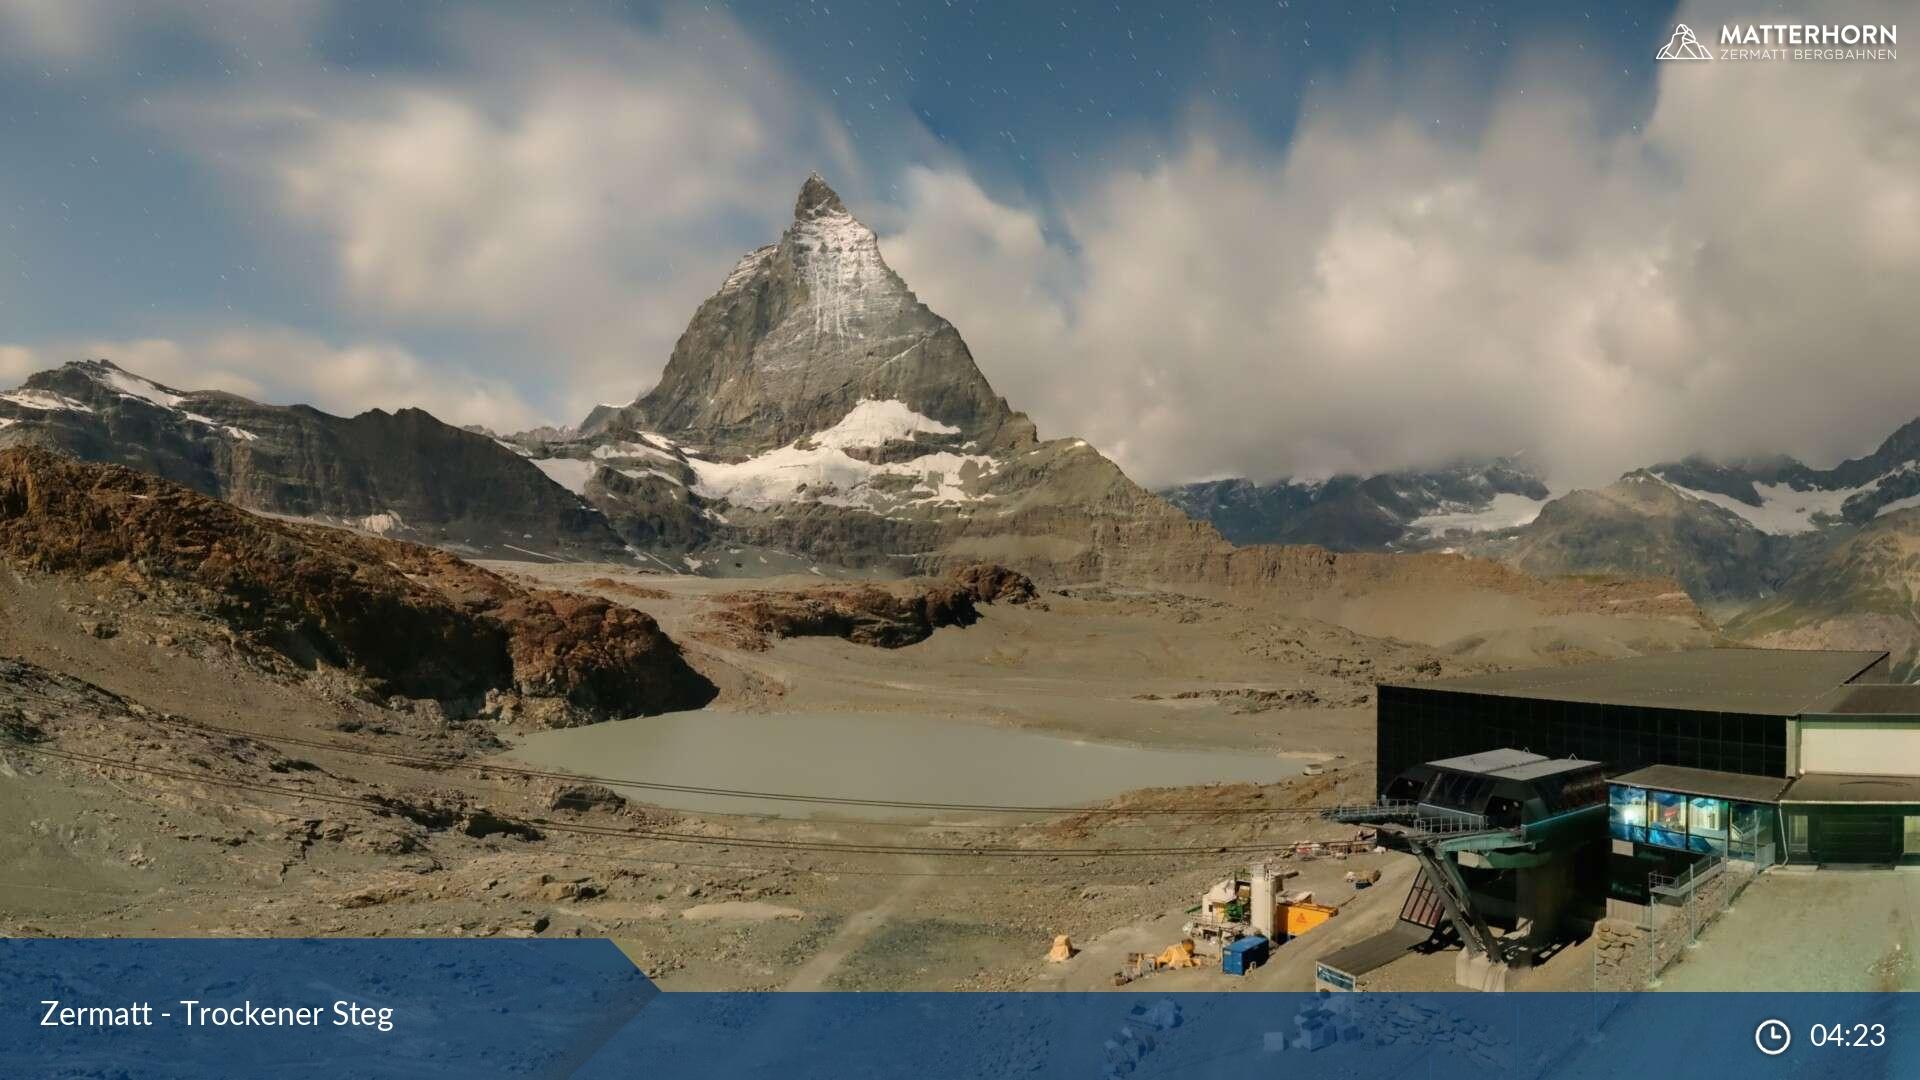 Zermatt webcam - Trockener Steg